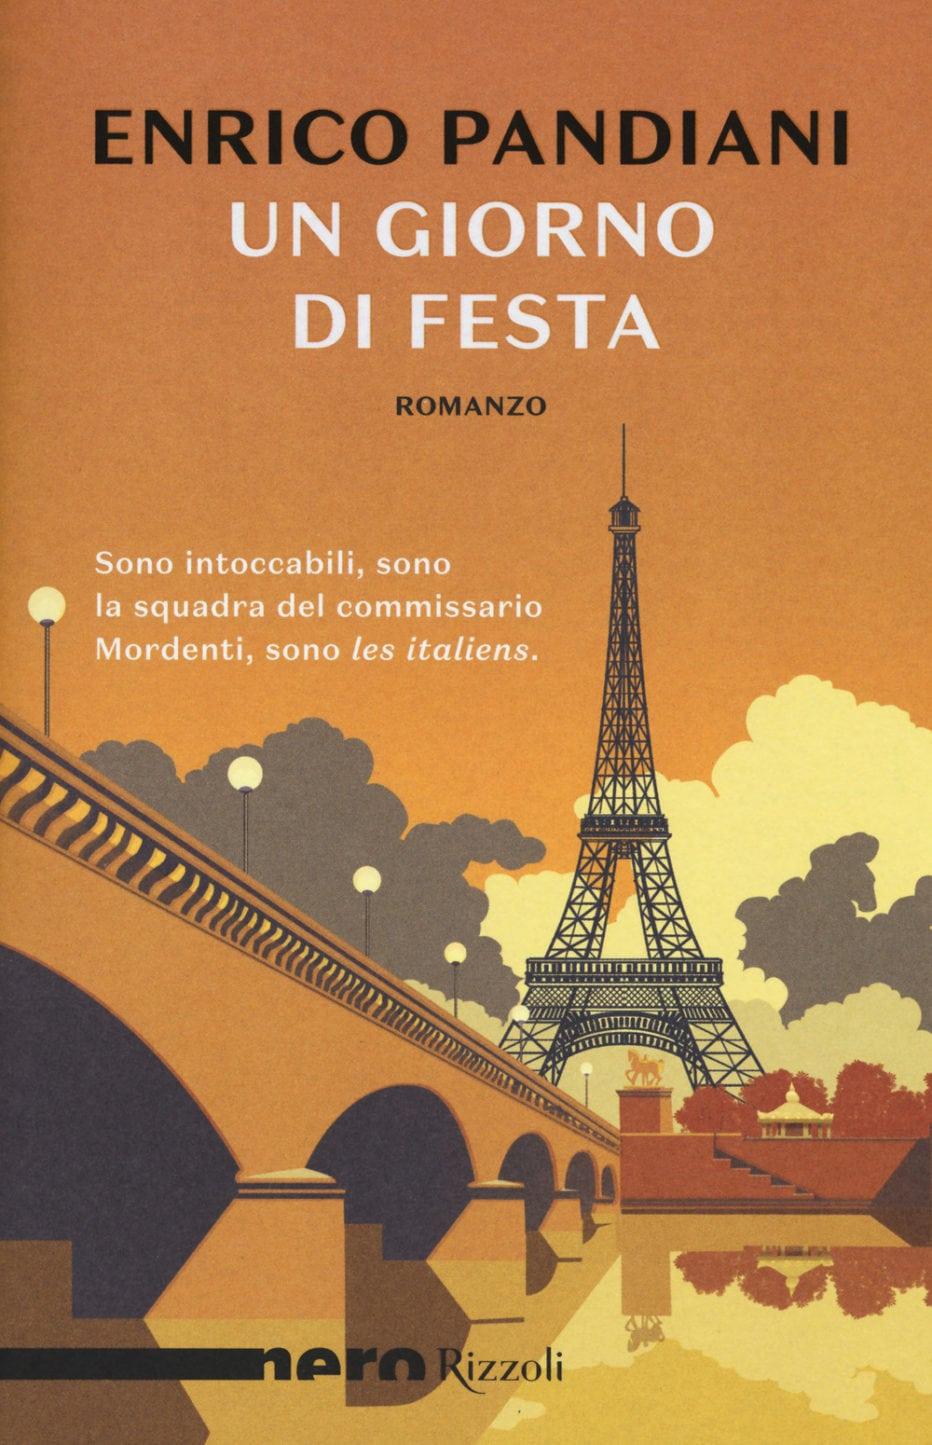 Enrico Pandiani ci parla di Un giorno di festa